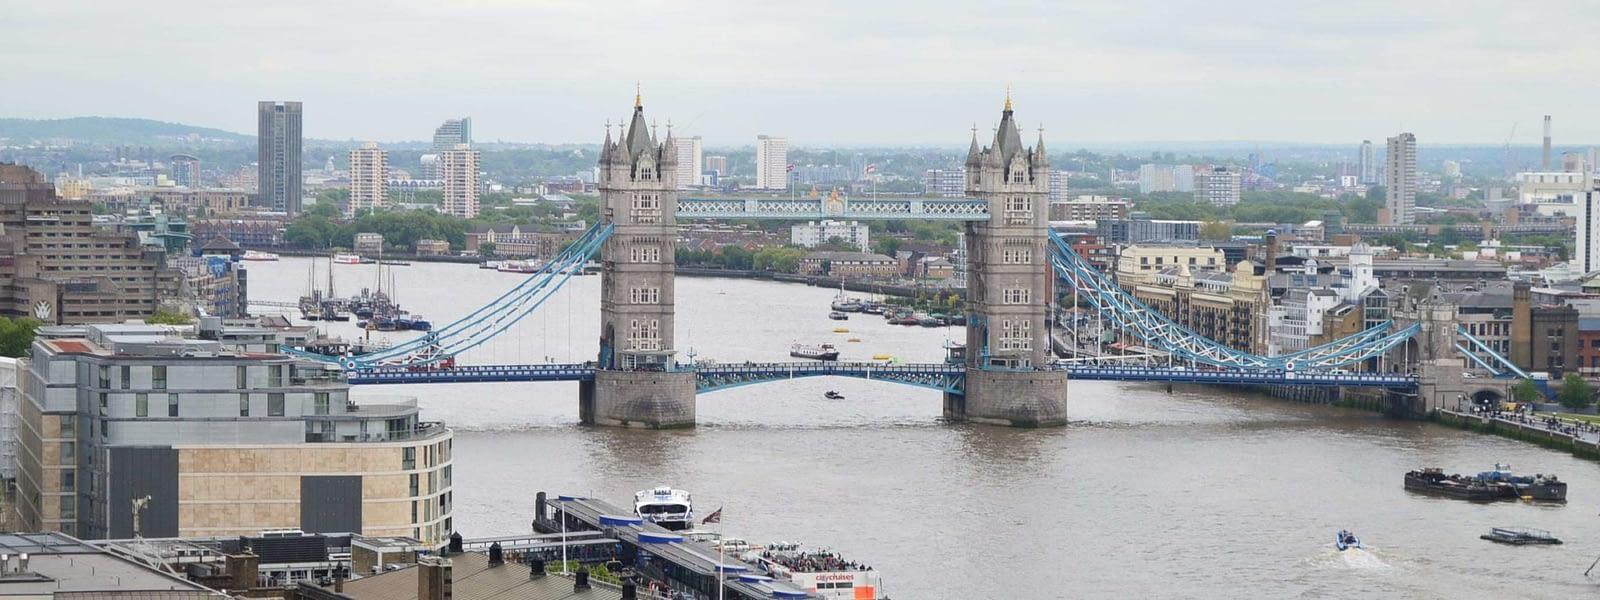 London Bridge Thames River - Global Citizenship Icon